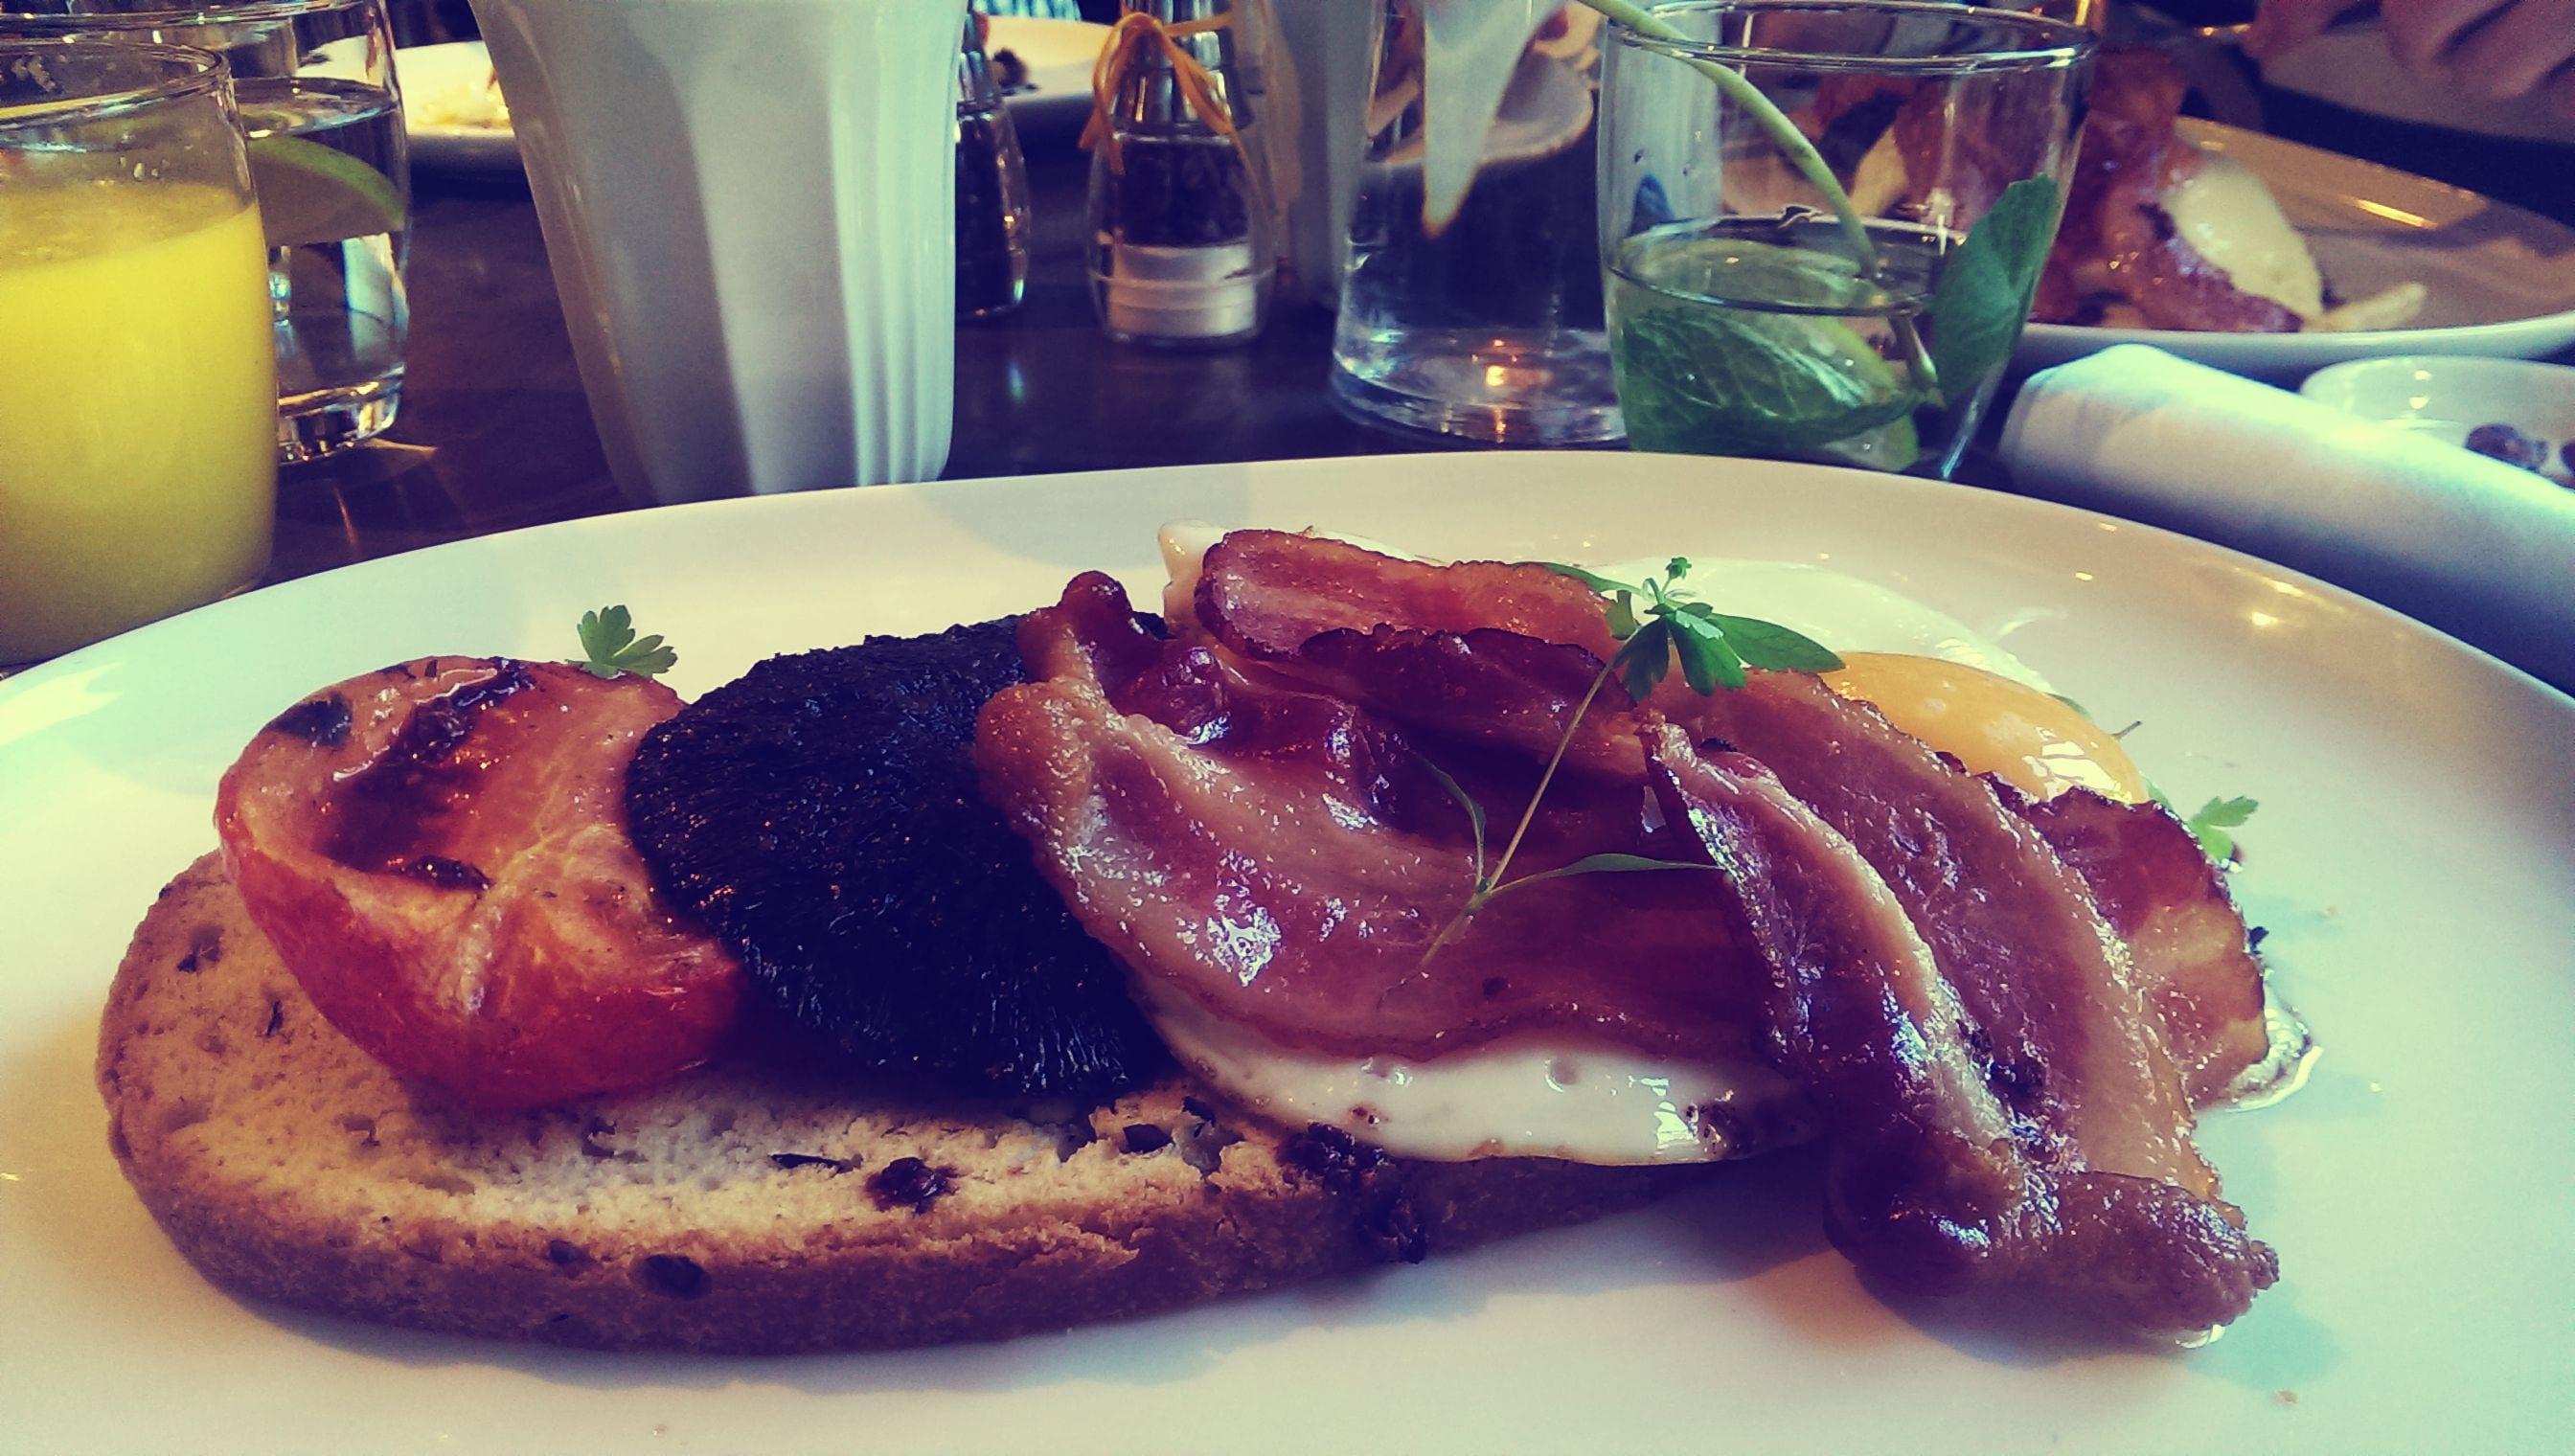 Das Frühstück im Rabot 1745 ist nicht besonders umfangreich, dafür aber sehr lecker.